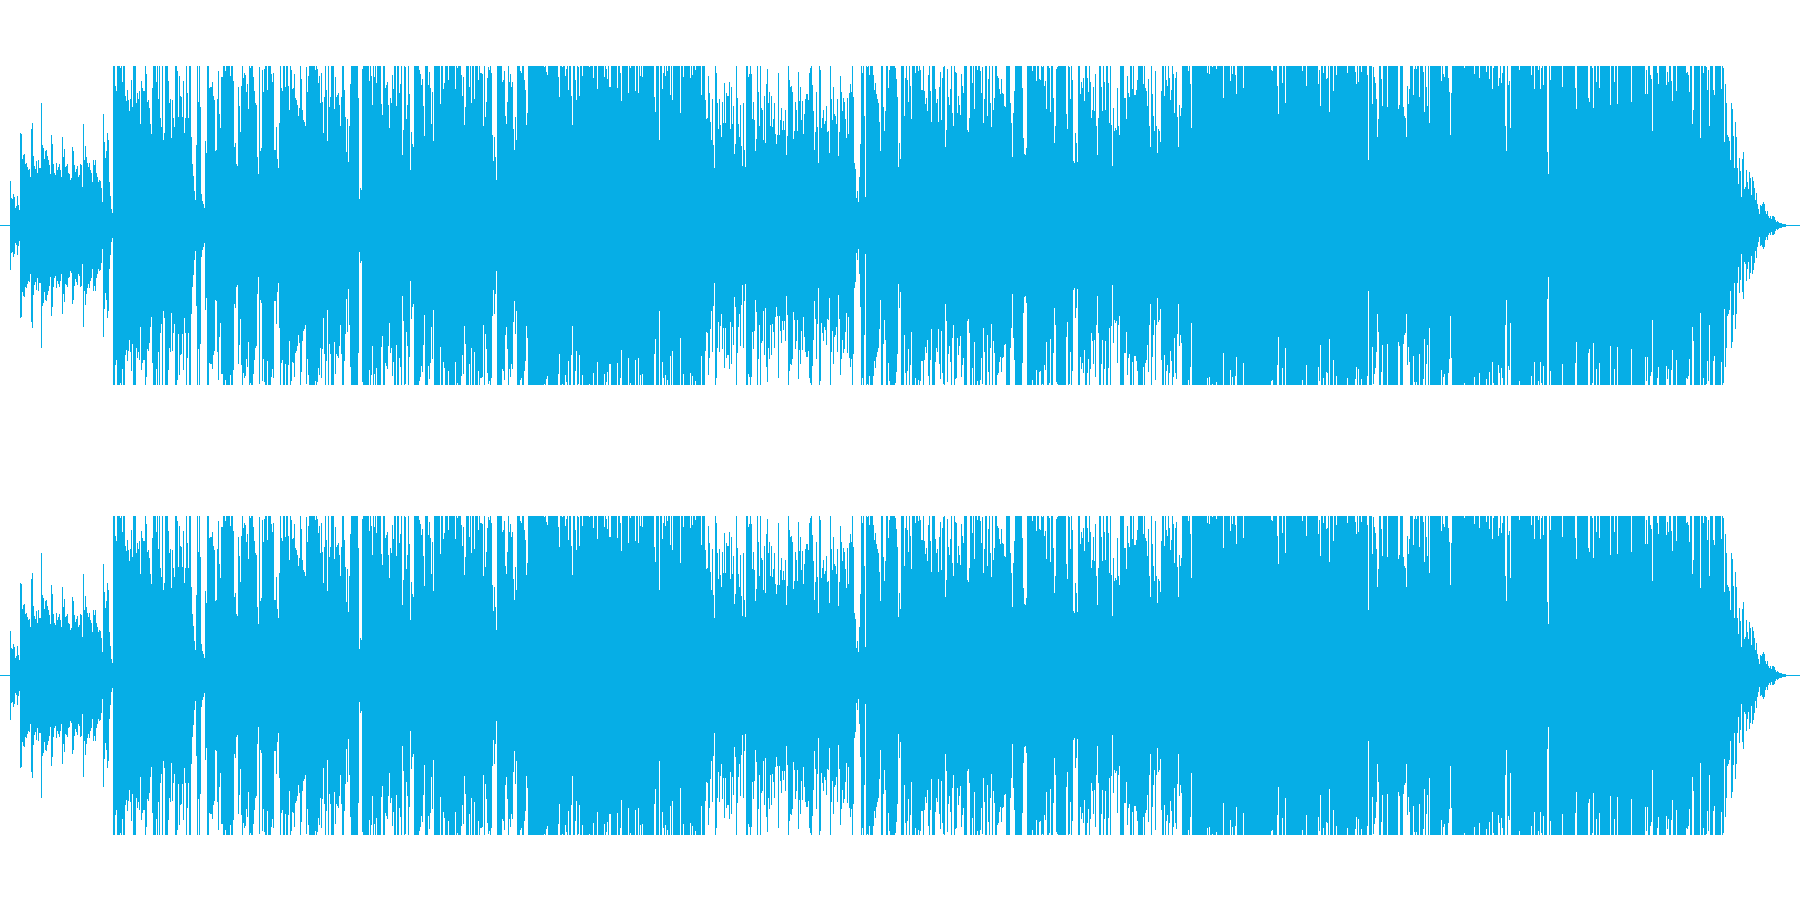 激しいバラード/JIINO・TO USの再生済みの波形